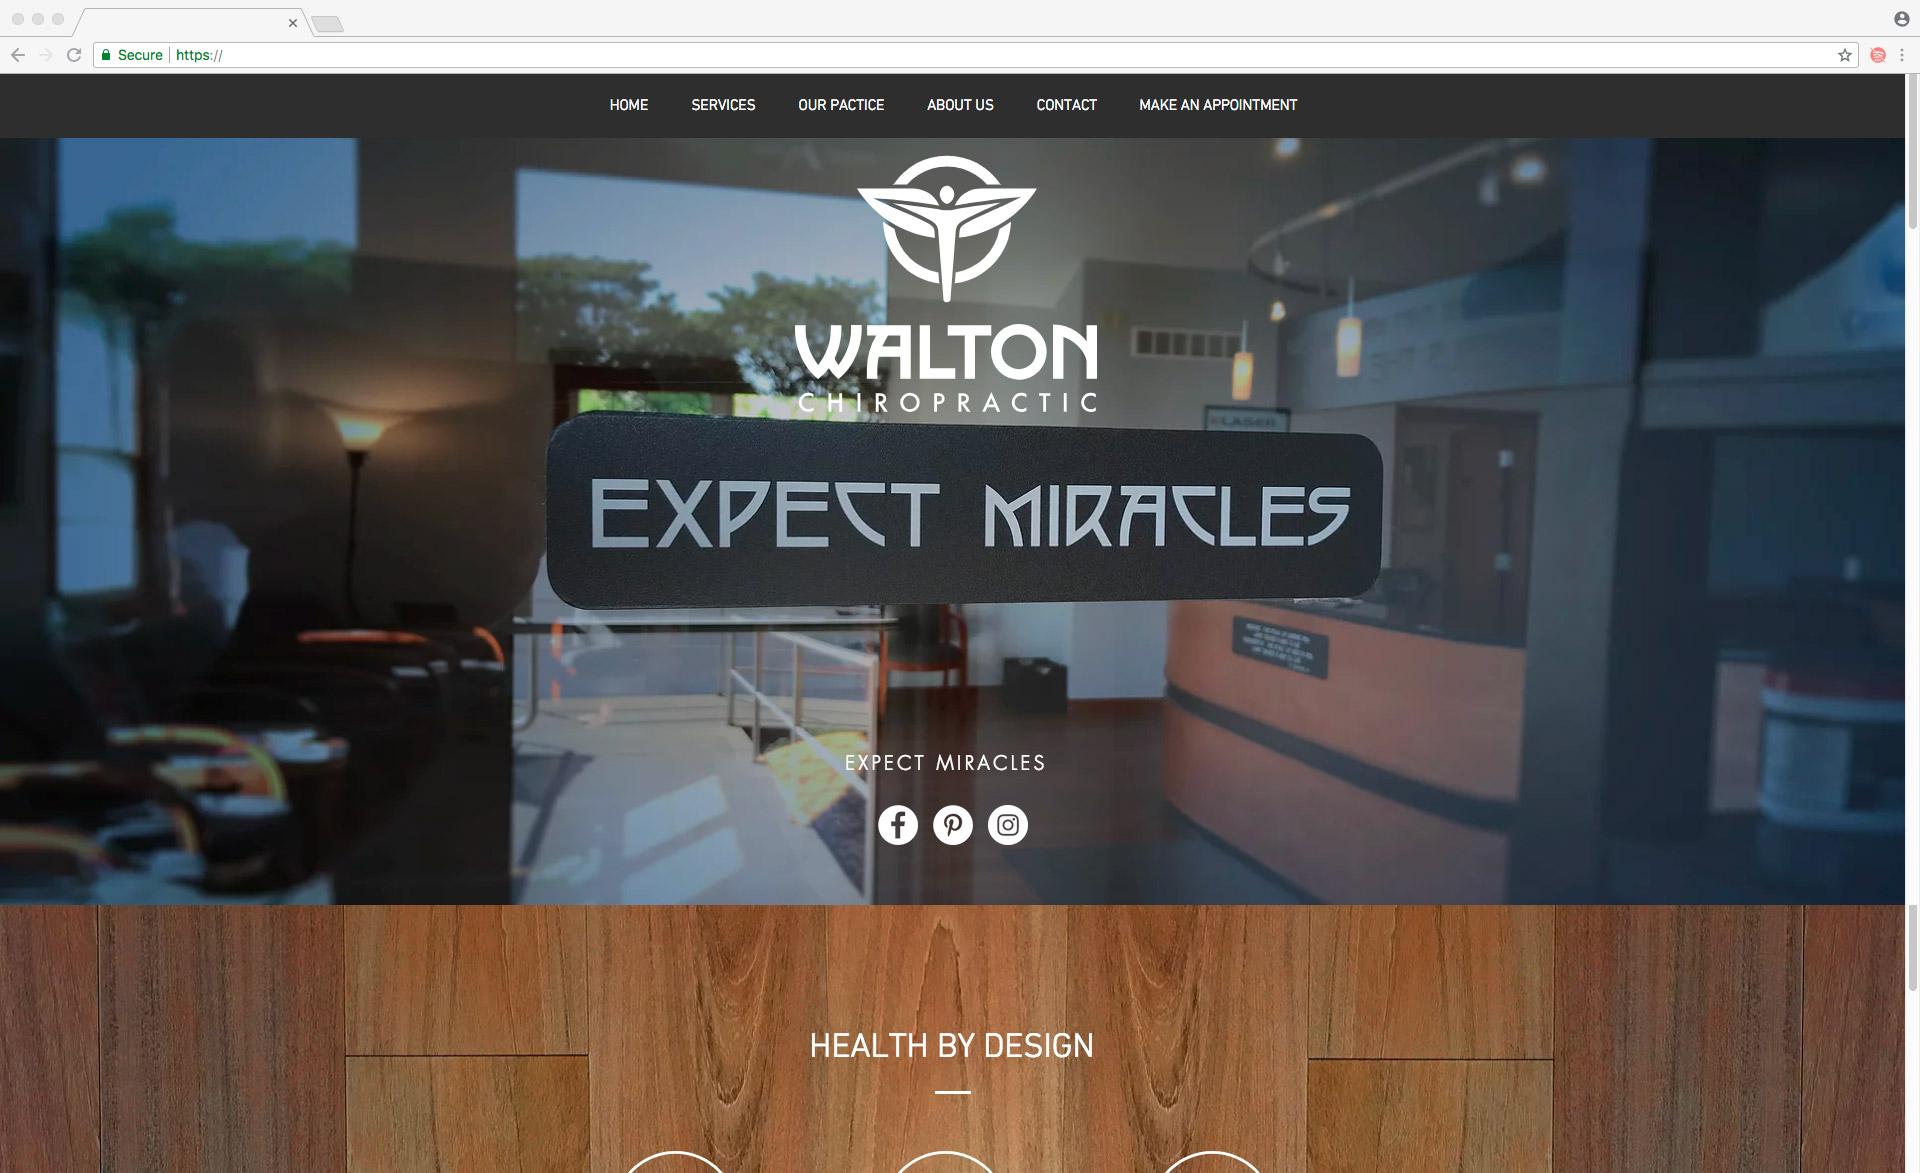 Walton Chiropractic Website